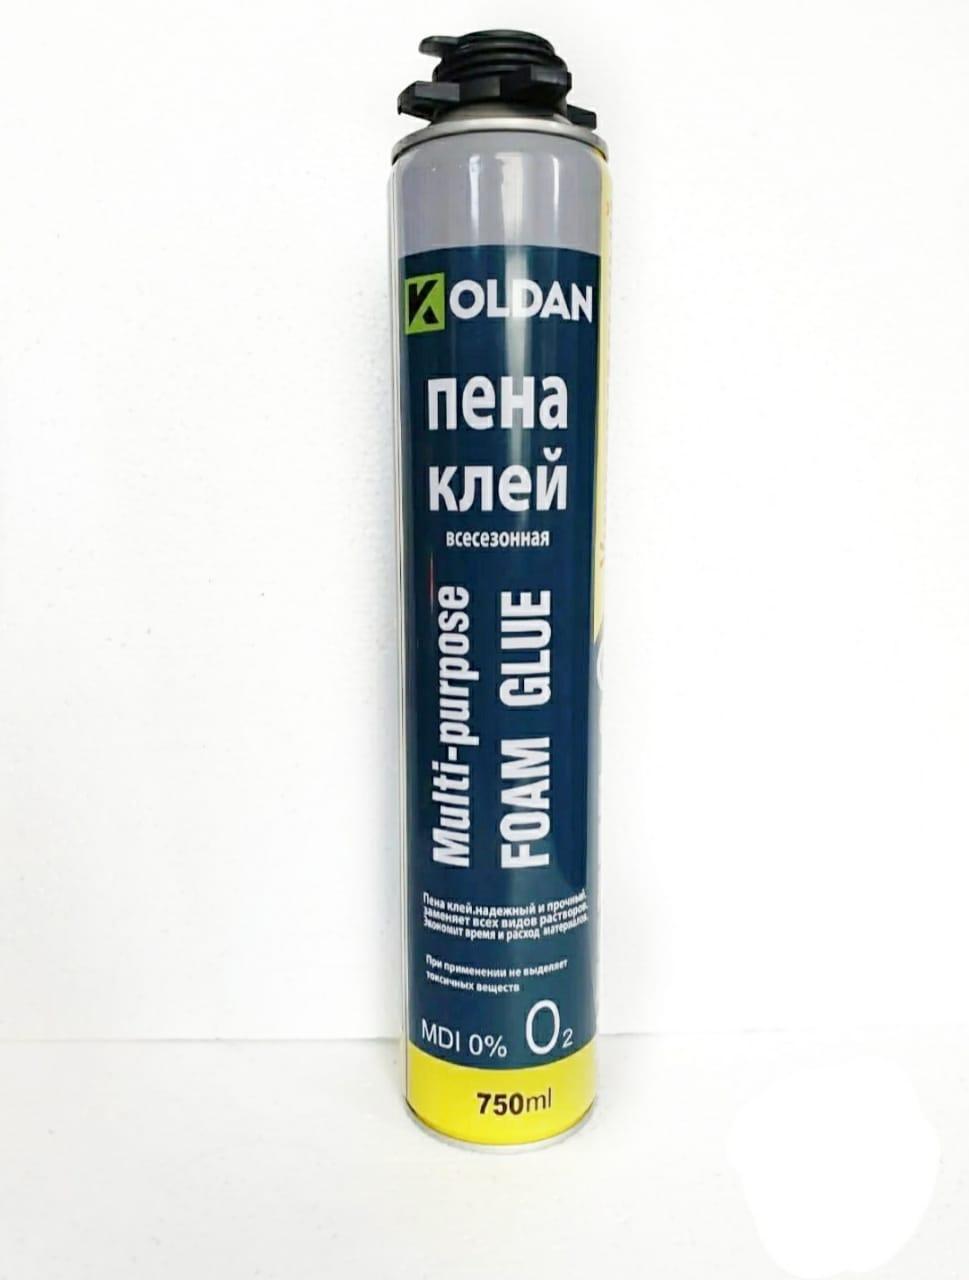 Пена клей всесезонная KOLDAN (750ml)